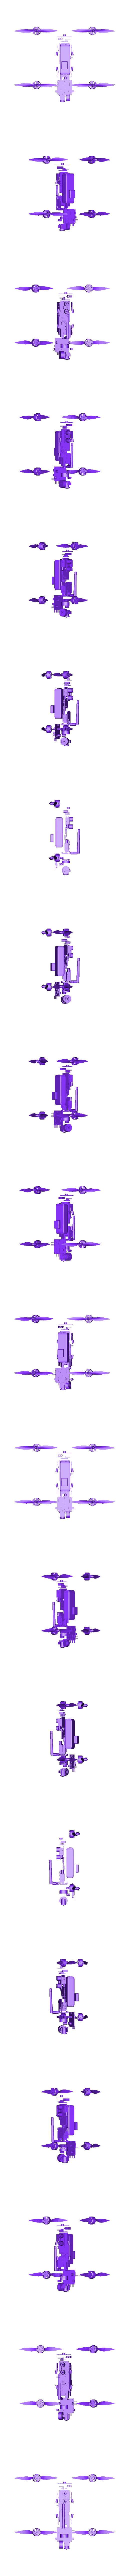 Sp_drone_component_only.stl Télécharger fichier STL gratuit Drone Sprank (bourdon de course avec cardan à came) • Objet pour impression 3D, mwilmars